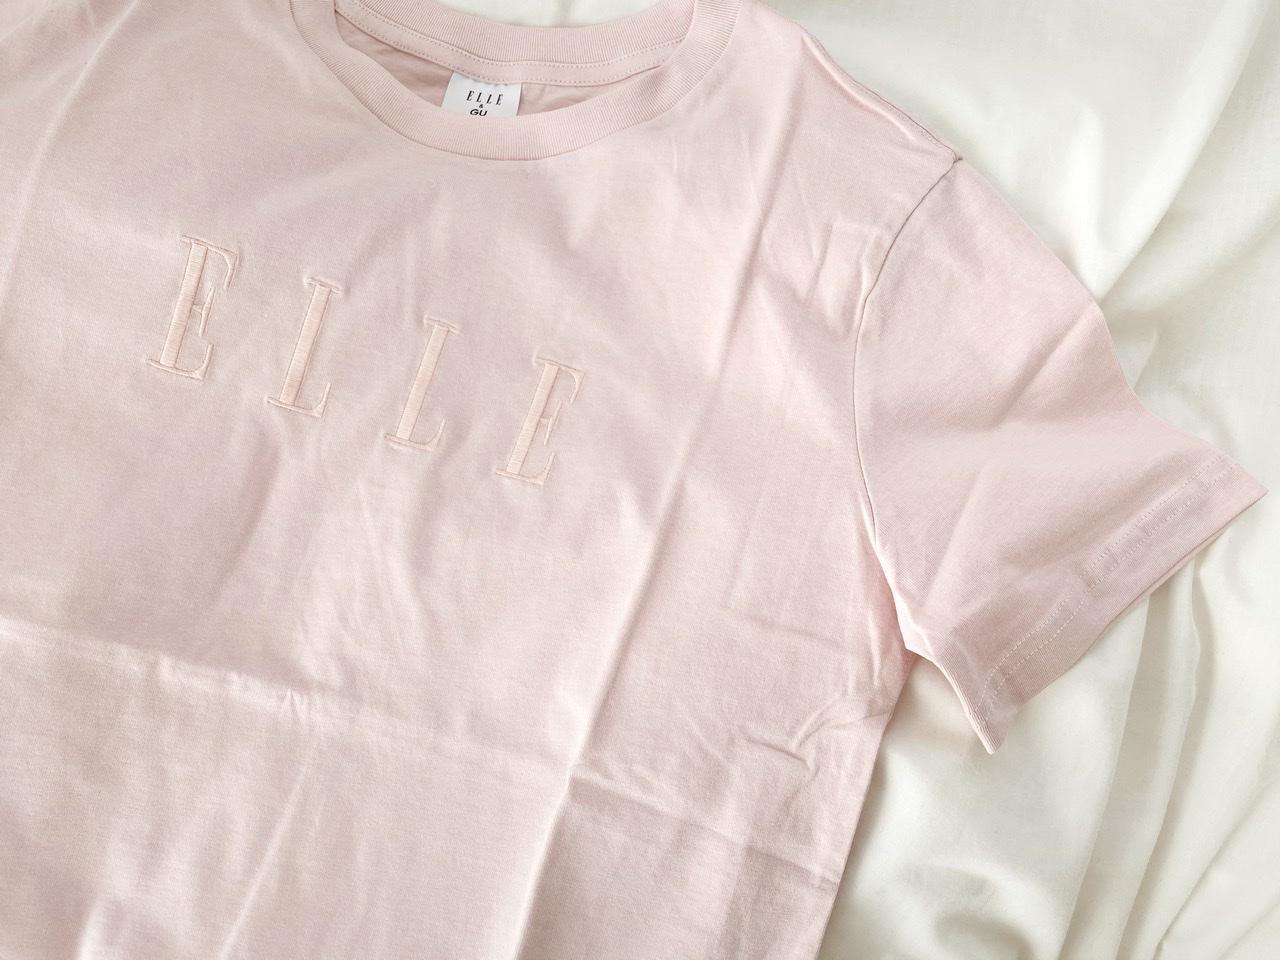 【GU×ELLEがコラボ!】思わず3色買い♡SNSでも話題のプチプラTシャツをGET!_3